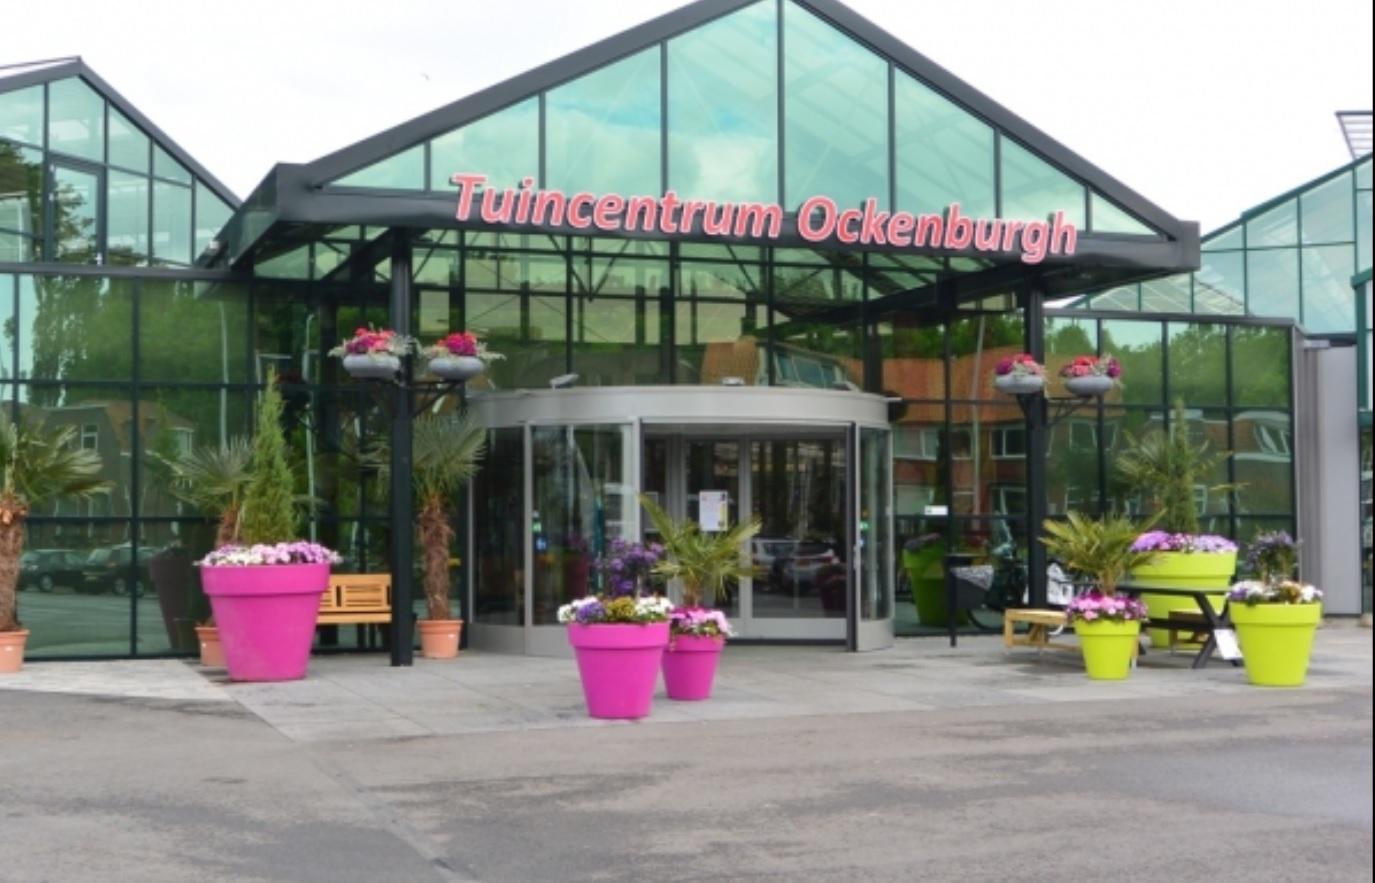 Tuincentrum Ockenburgh